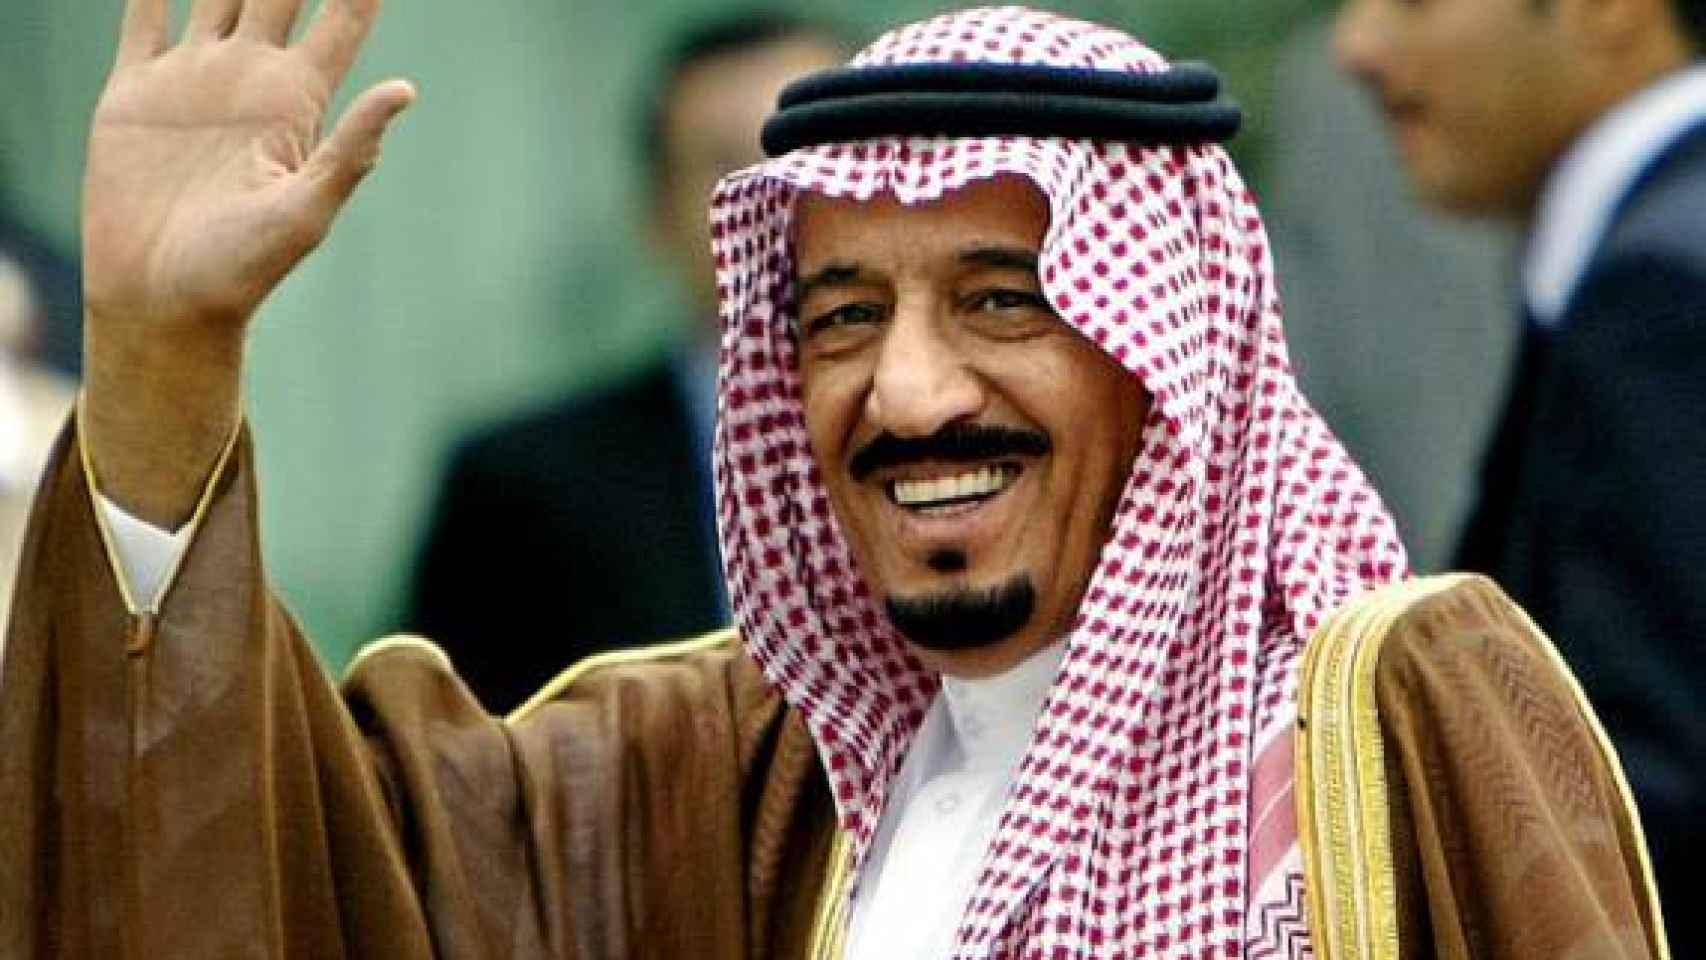 El Rey Salman no pasará sus vacaciones en Marbella.